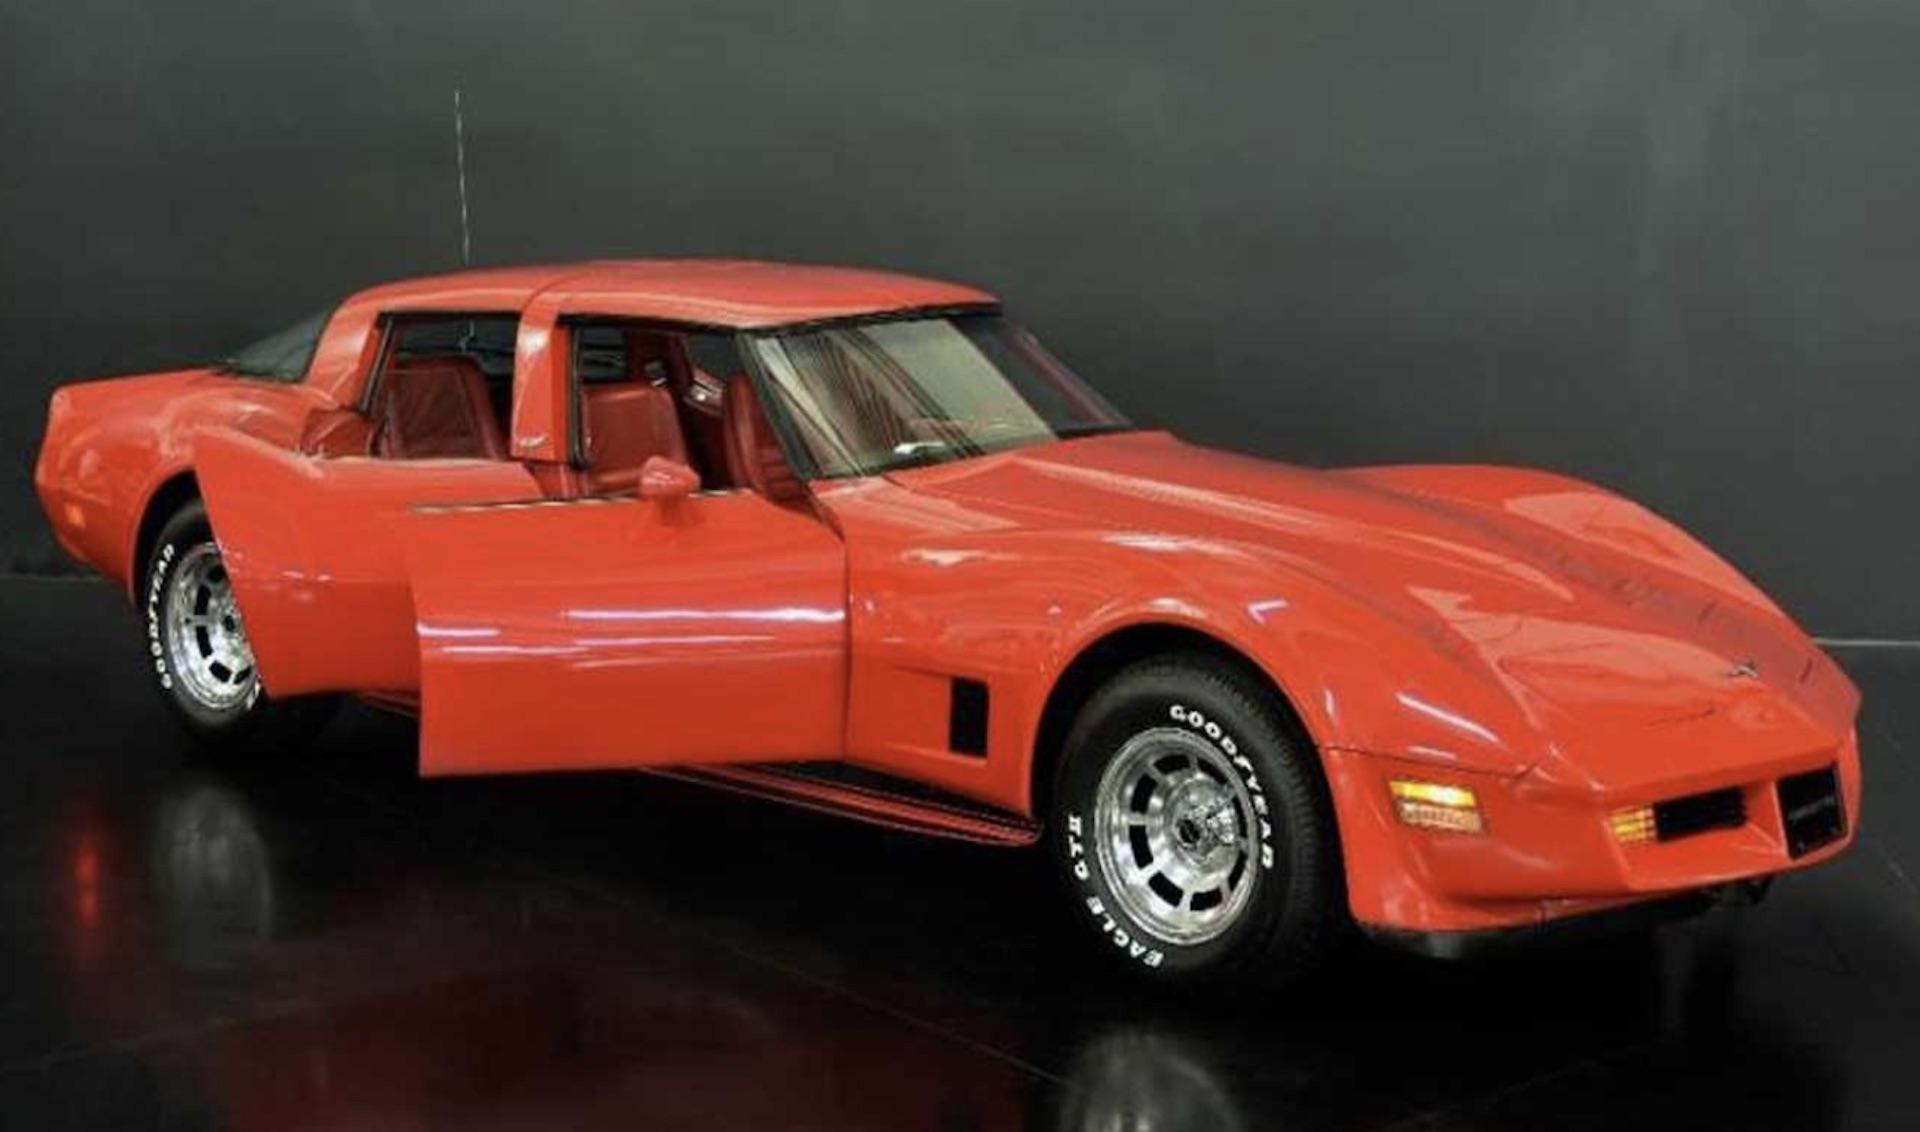 1980 Corvette For Sale >> Heretical Four Door 1980 Chevrolet Corvette For Sale For